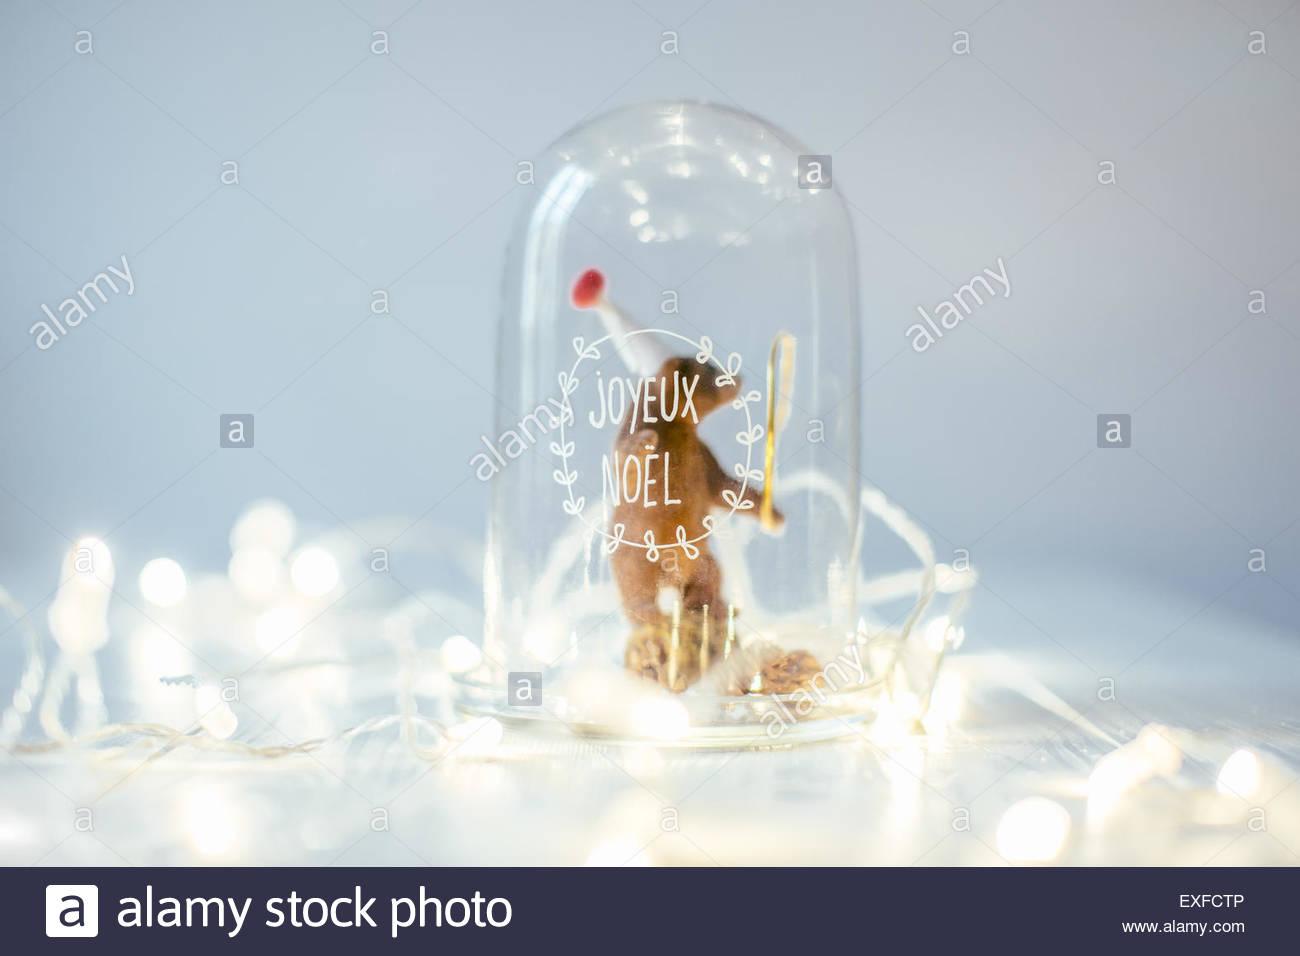 Weihnachts-Dekoration und Beleuchtung Stockbild